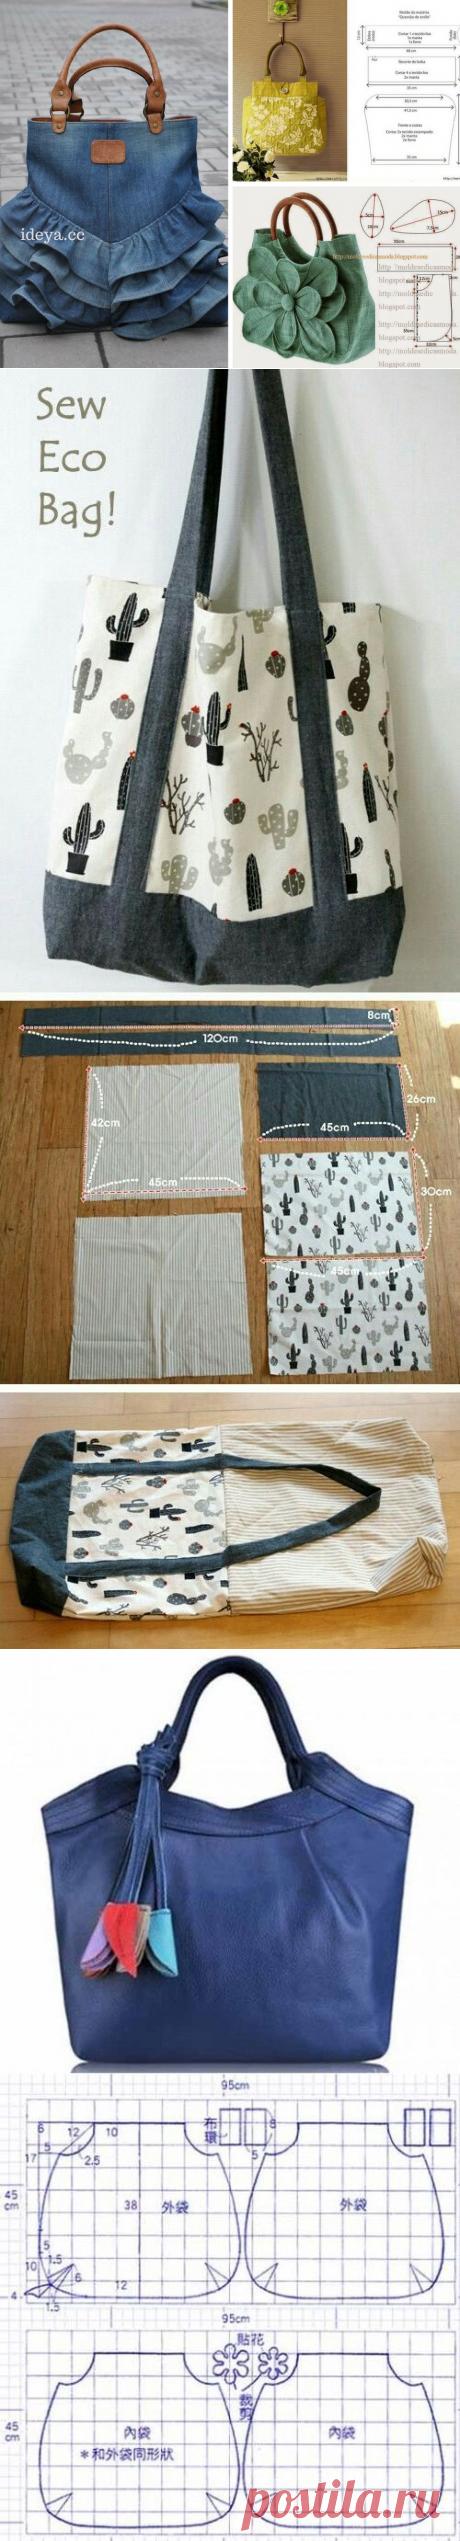 Замечательная подборка сумок из ткани + схема